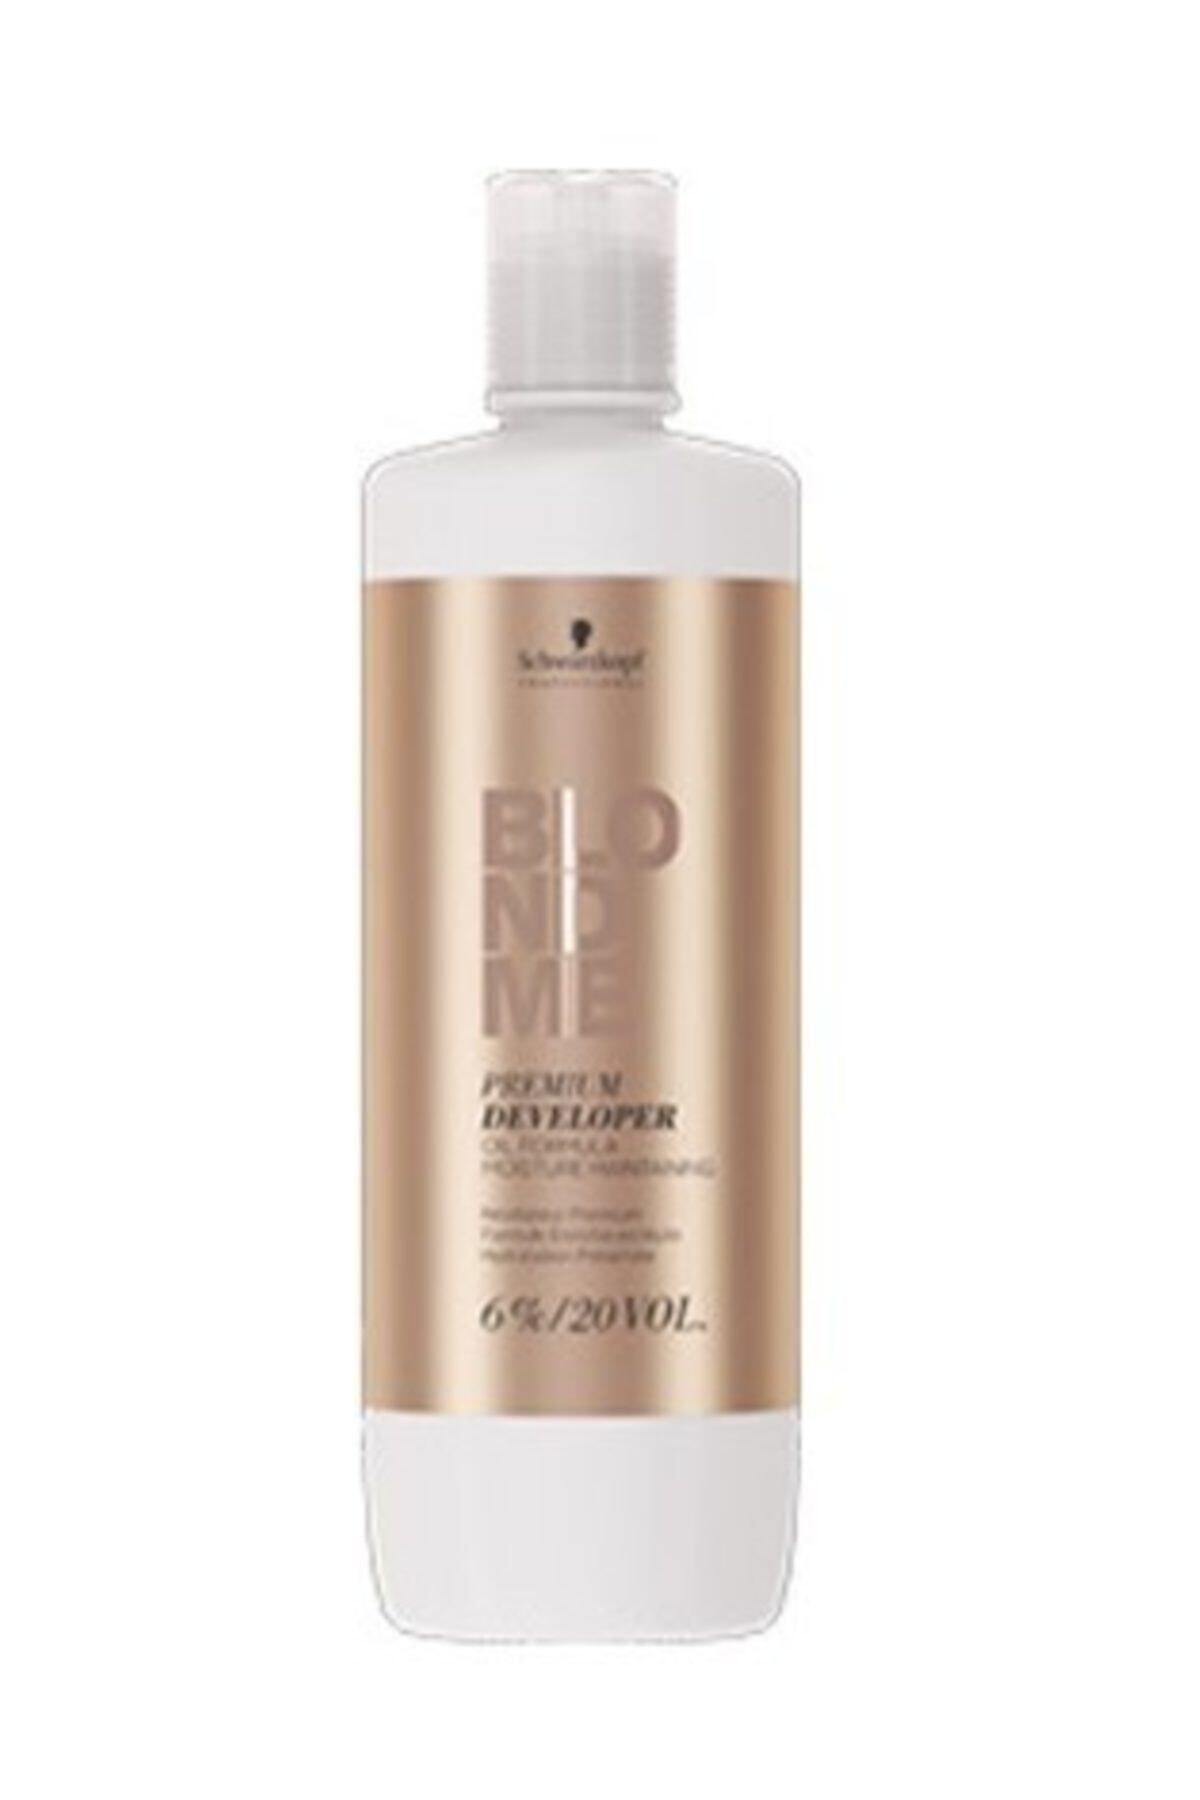 SCHWARZKOPF HAIR MASCARA Premium Developer Blondme %6 20 Volum Oksidan 1000 ml 1